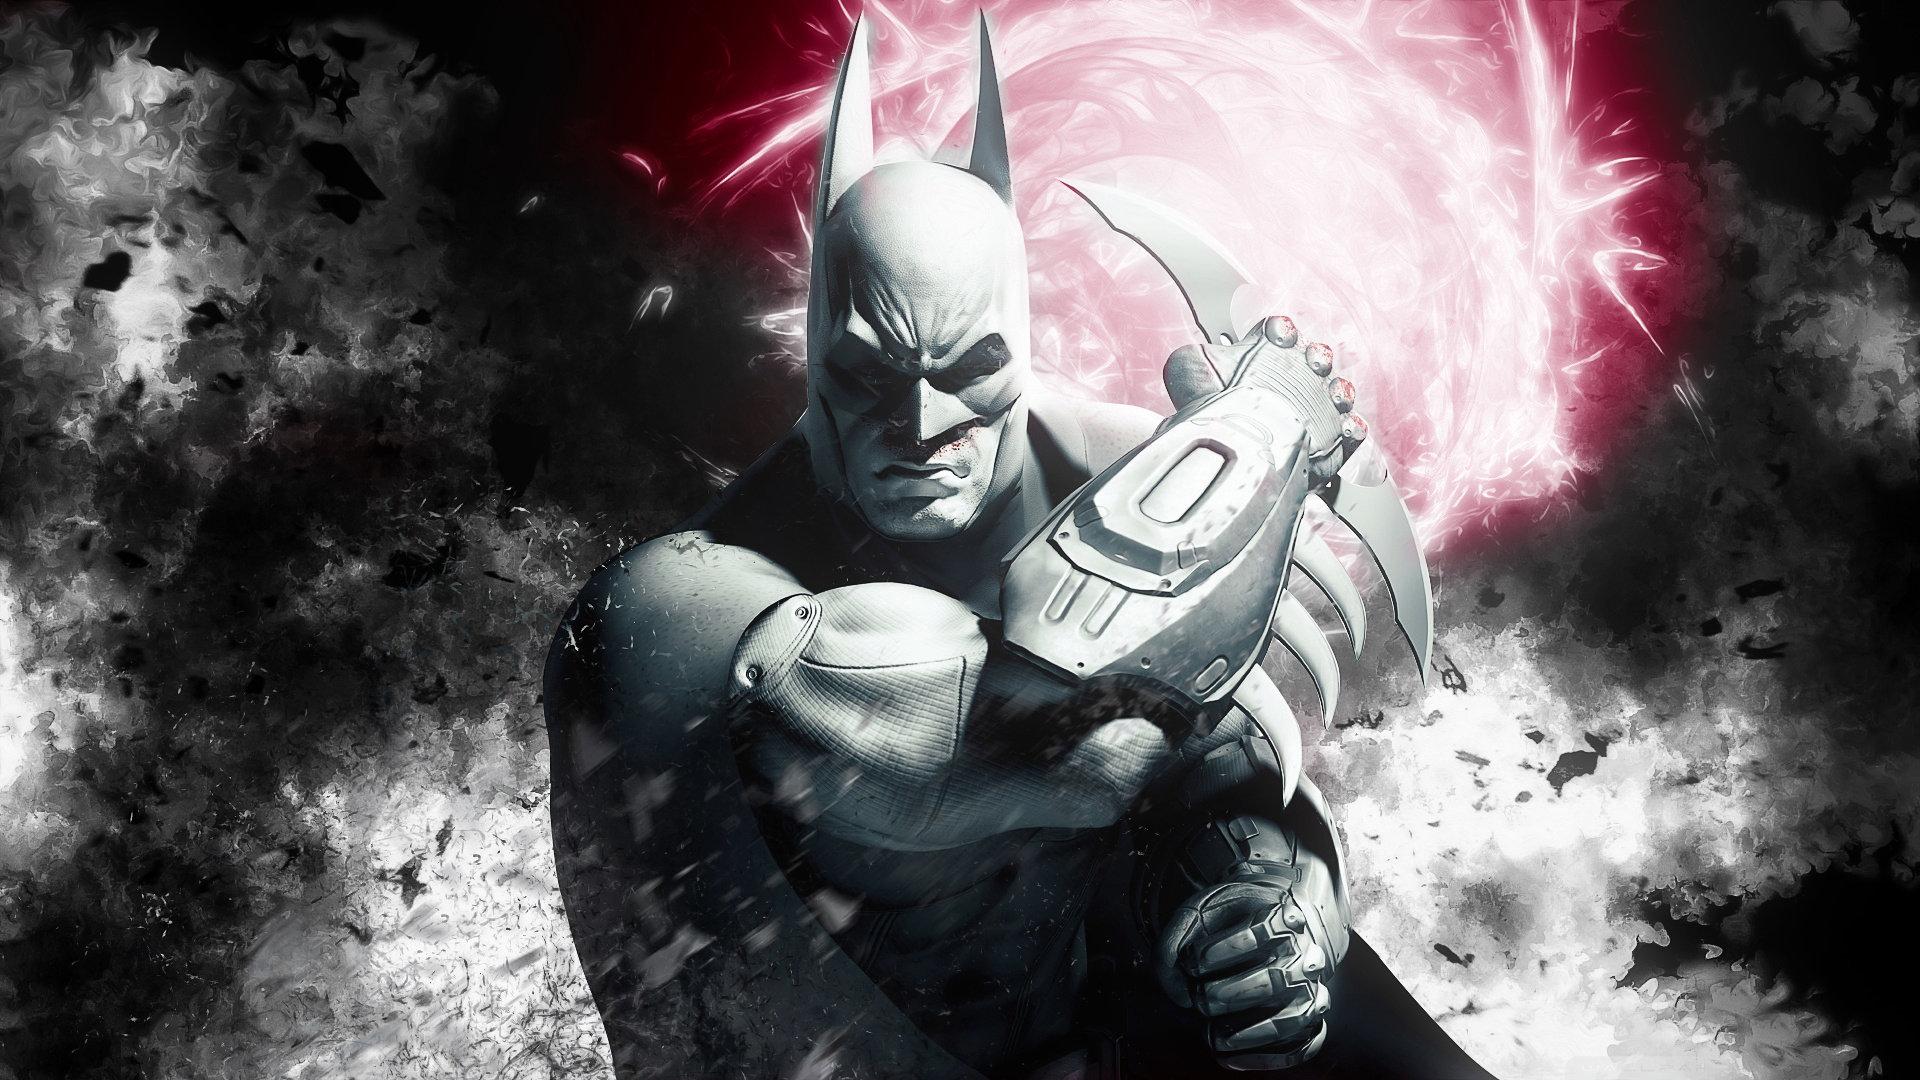 Batman Arkham City Wallpaper Hd 19201080 21880 HD Wallpaper Res 1920x1080